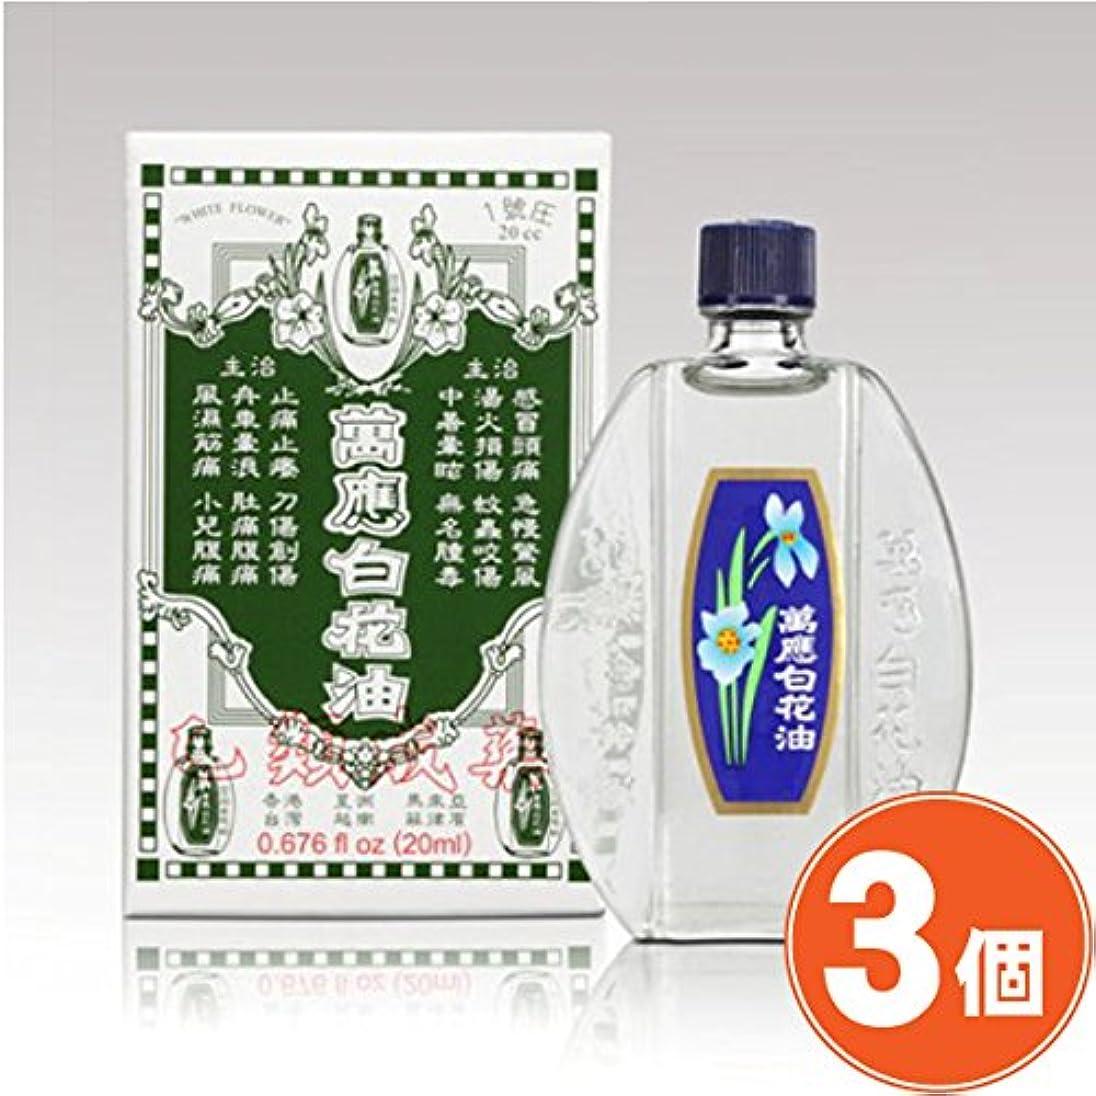 豊富訴えるガソリン《萬應白花油》 台湾の万能アロマオイル 万能白花油 20ml × 3個《台湾 お土産》 [並行輸入品]